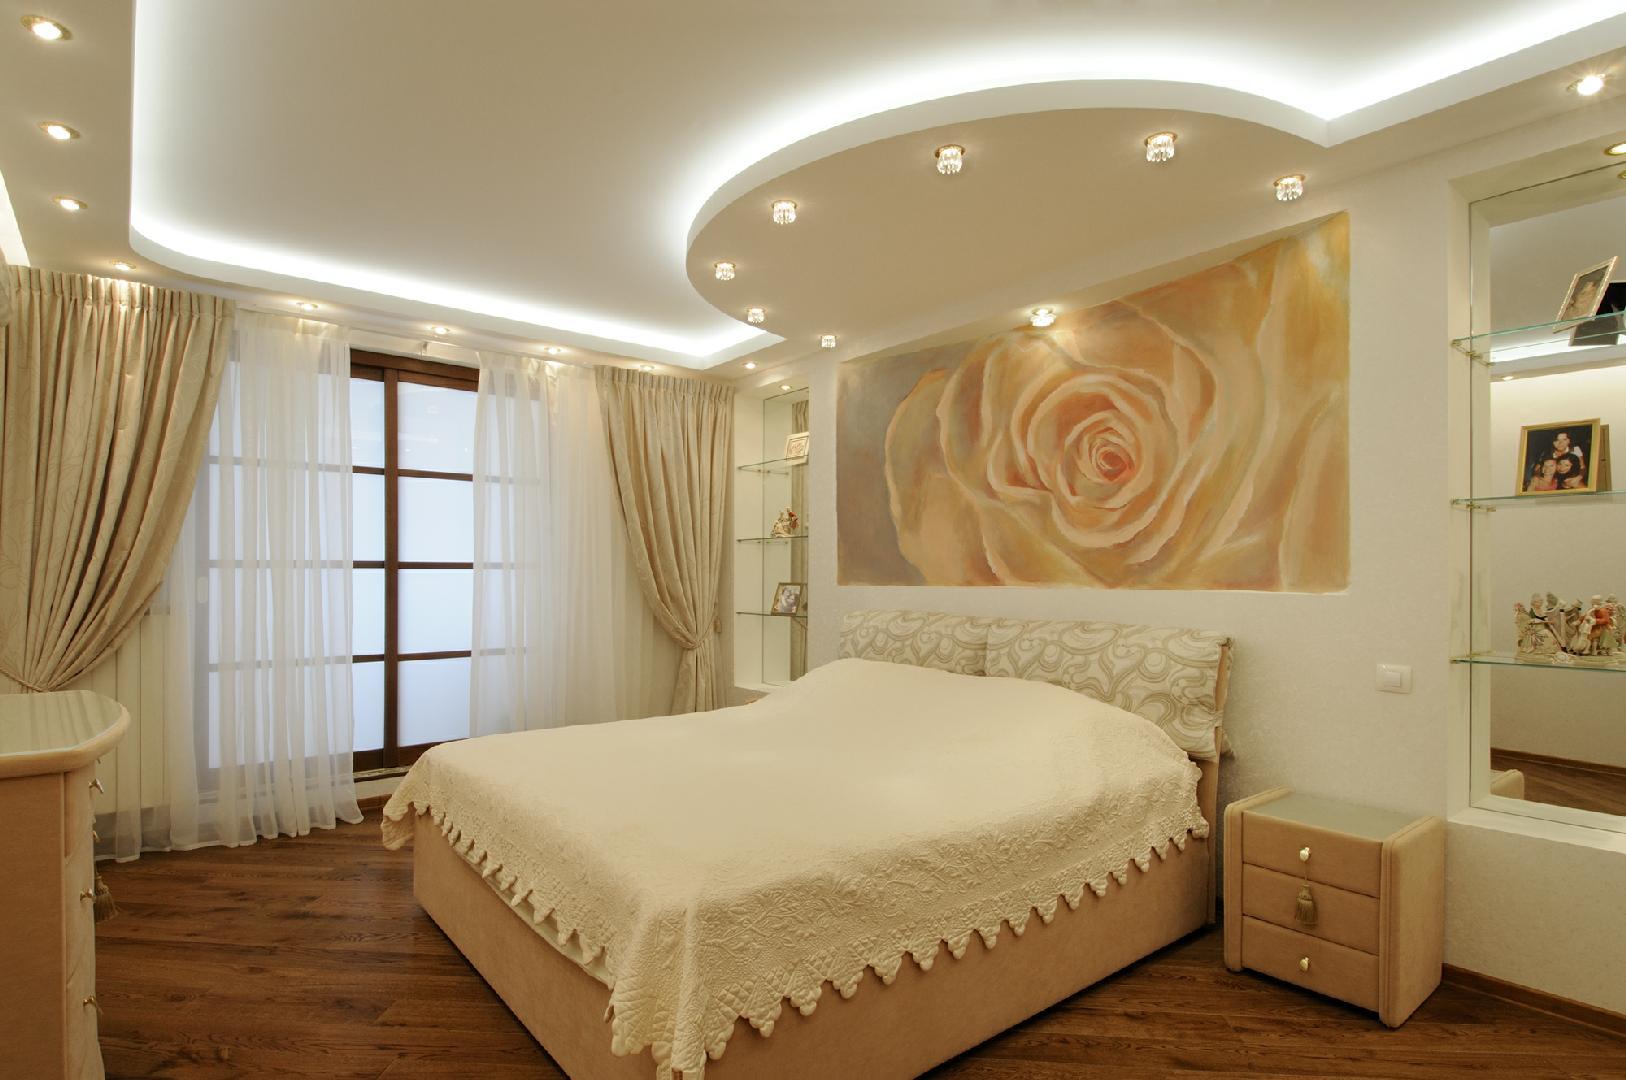 дизайн натяжного потолка в спальне фото как